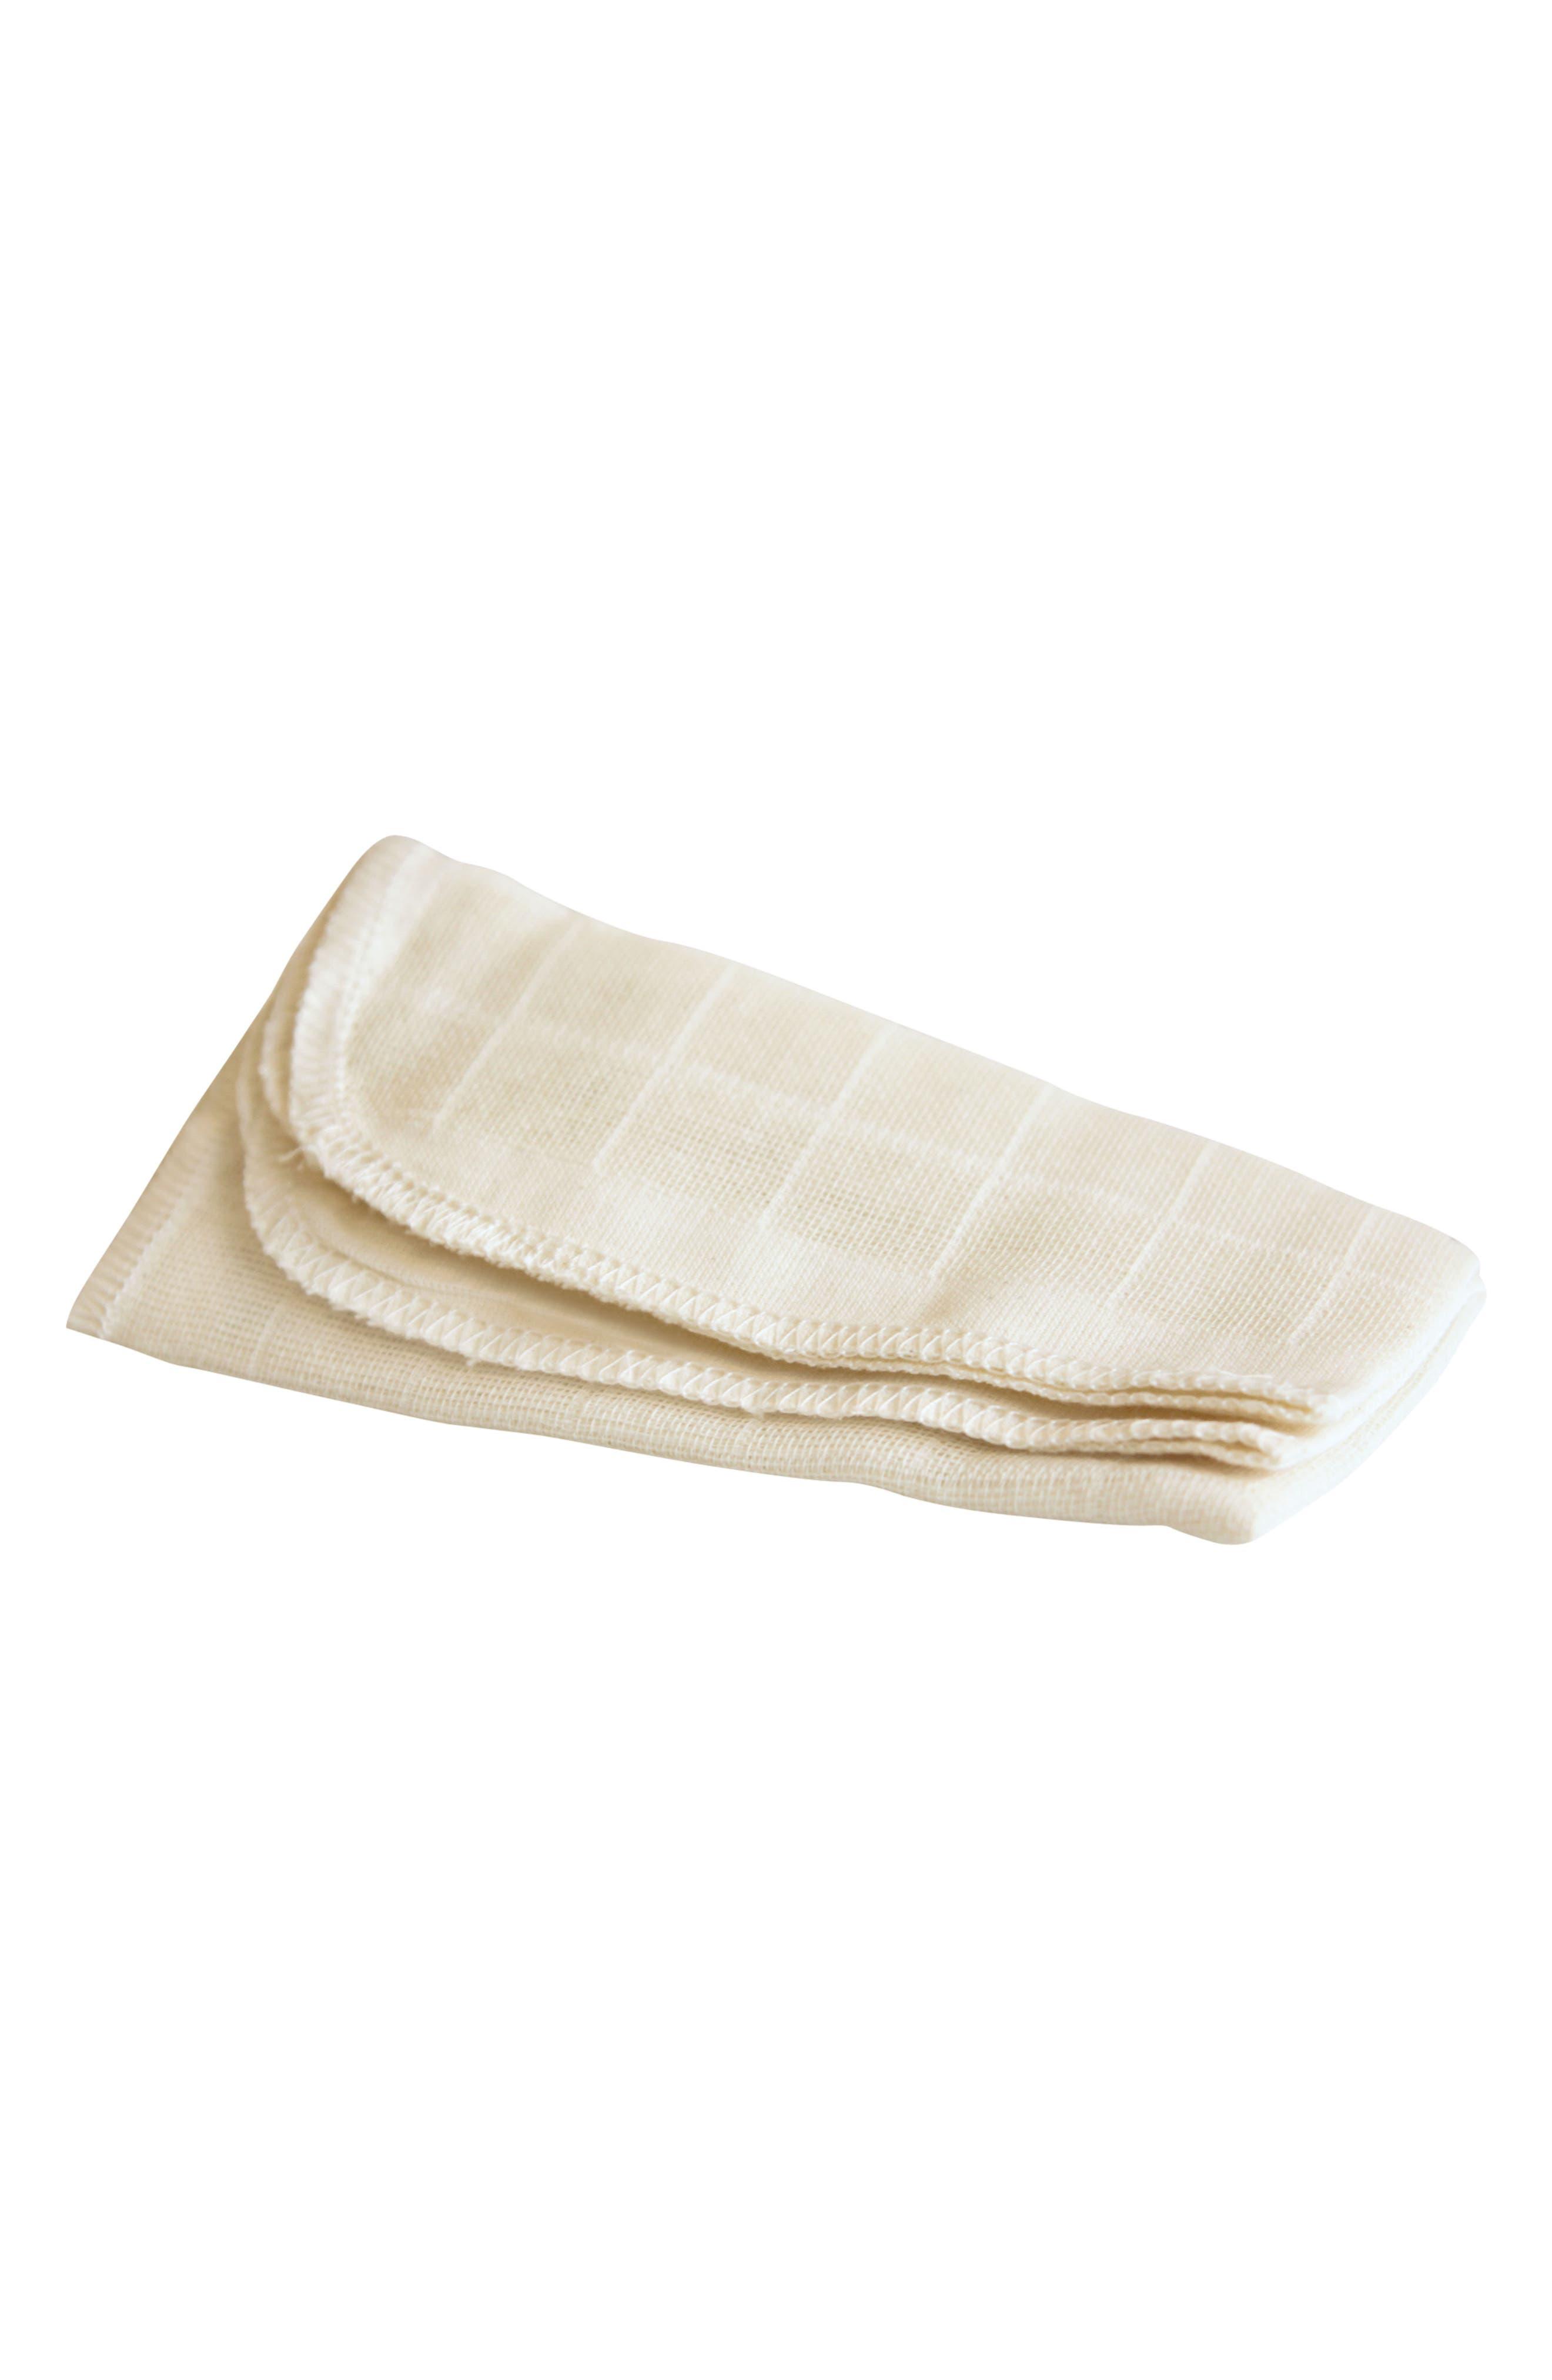 Muslin Cloth,                             Main thumbnail 1, color,                             000